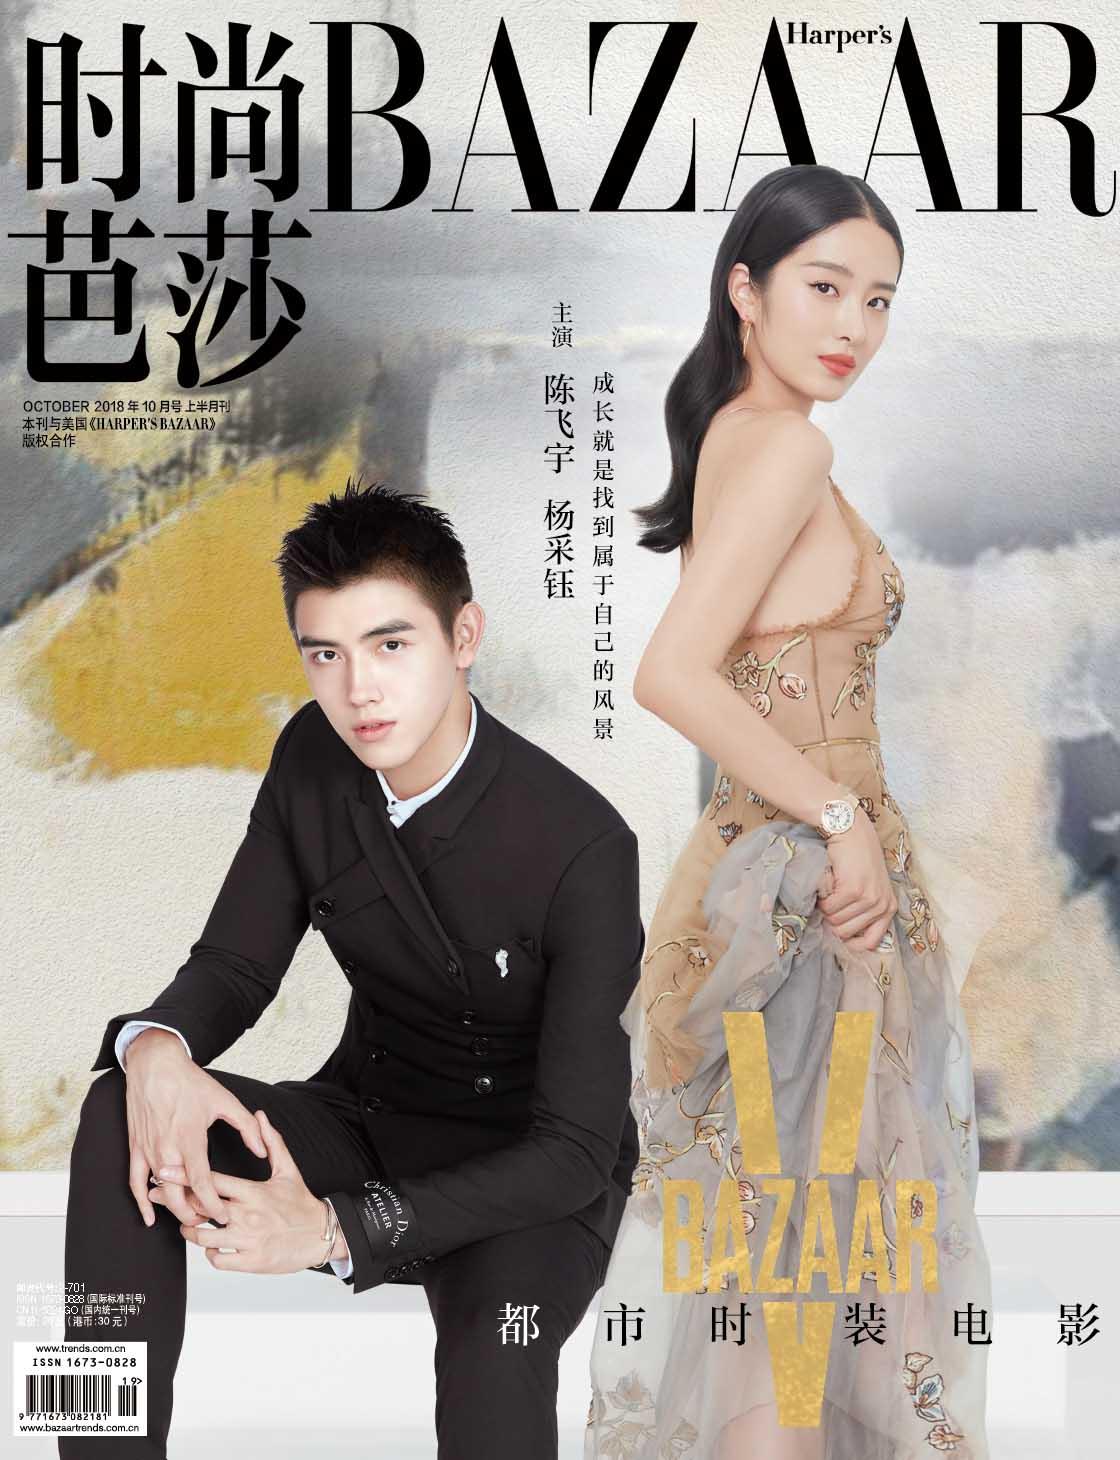 杨采钰首登杂志十月纪念刊封面 绰约淡雅气质迷人